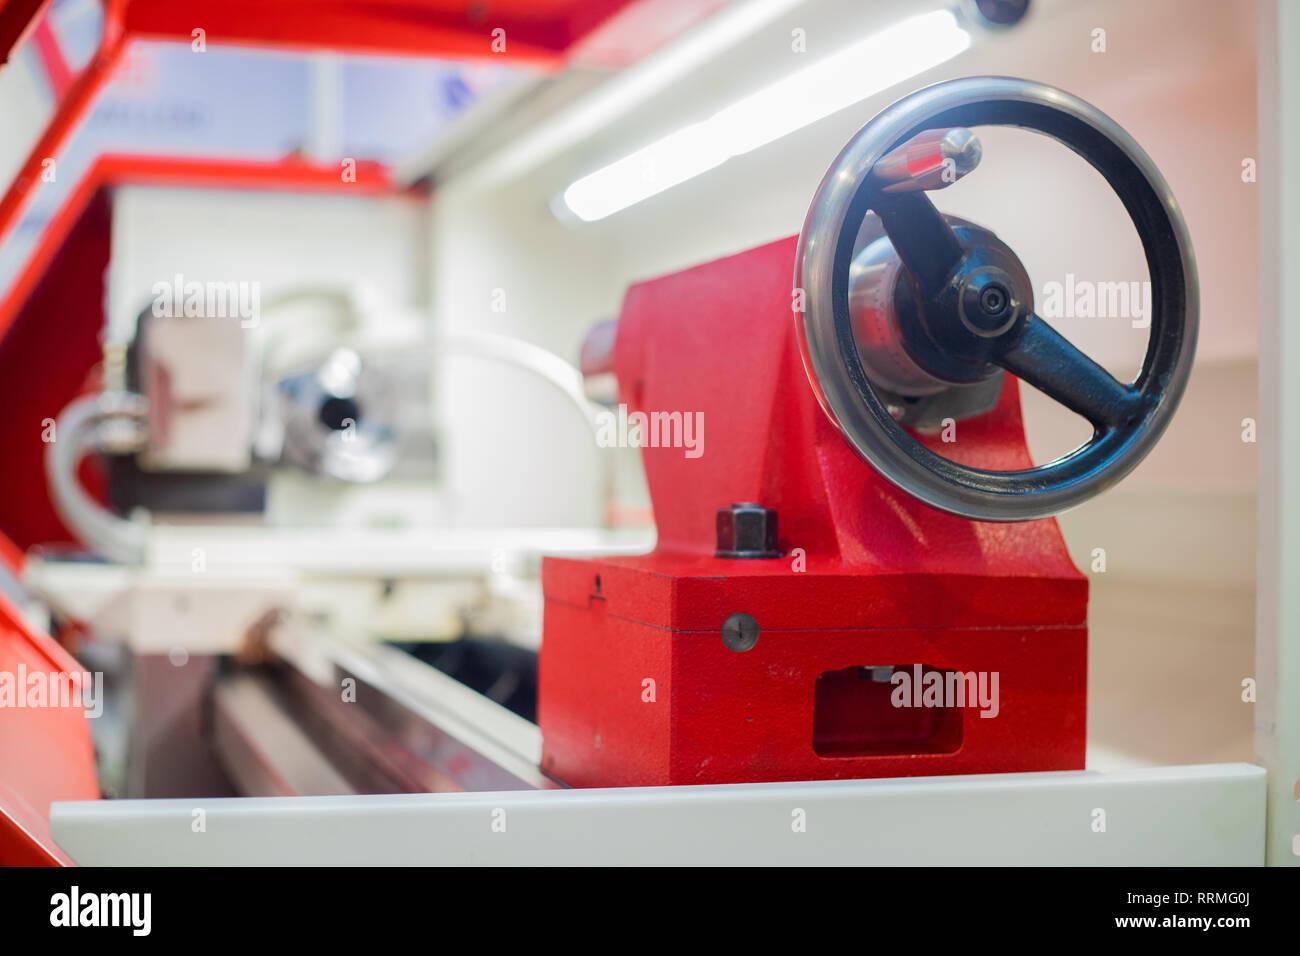 Drehmaschine. Maschine für die Gestaltung von Holz, Metall oder einem anderen Material. Stockfoto